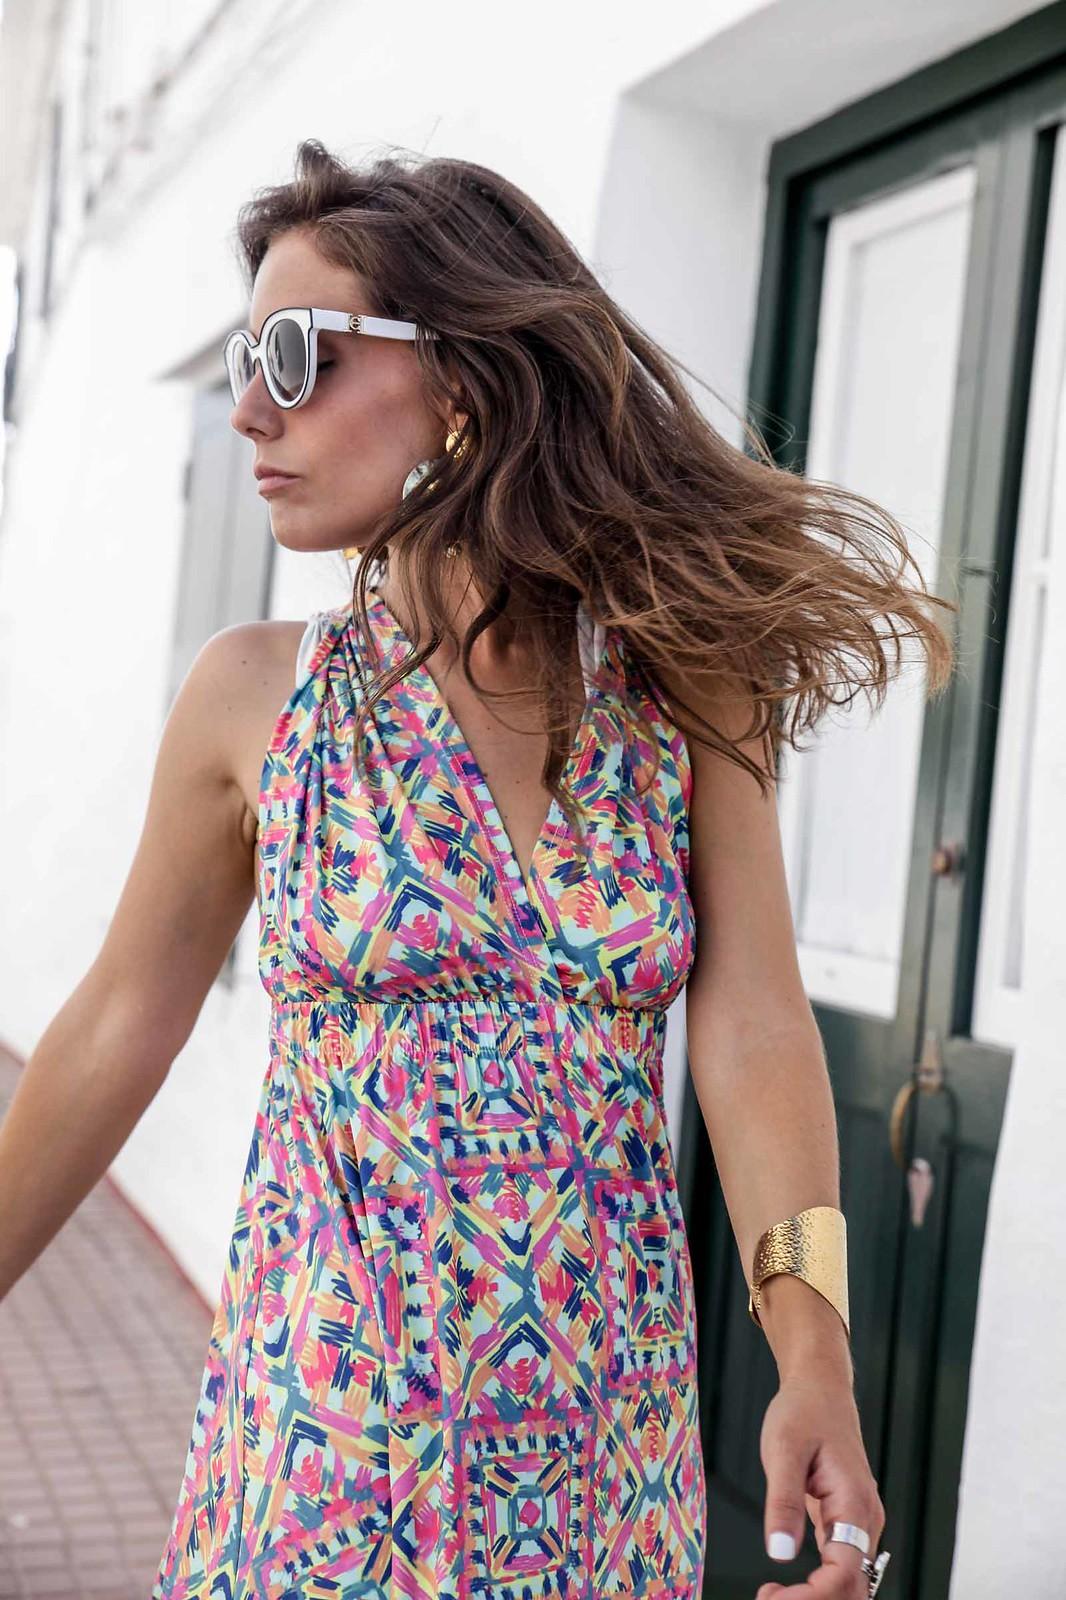 08_vestido_largo_colores_estilo_boho_rüga_chic_casual_street_style_outfit_theguestgirl_